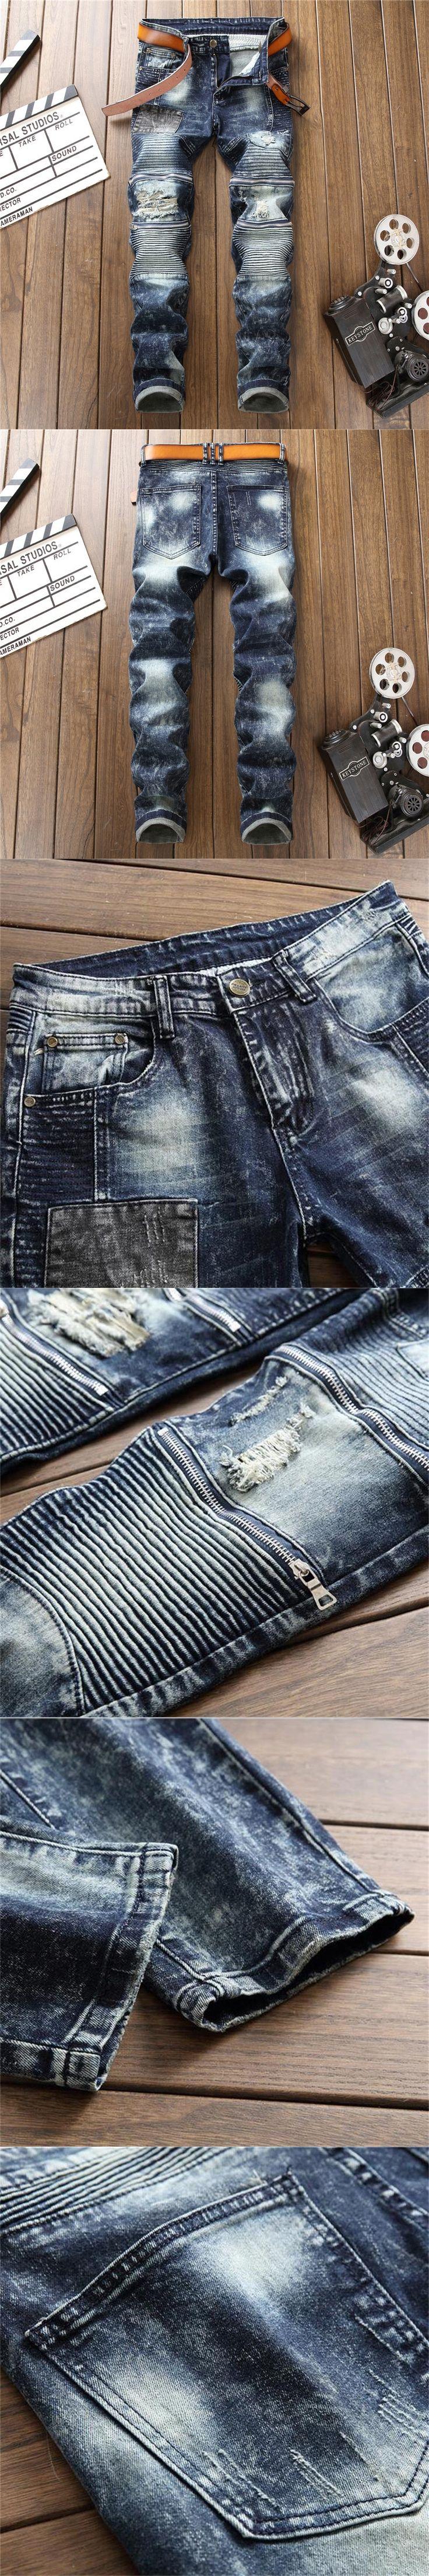 2017 New Cotton European American style zipper Fashion Men's Casual knees holes Patches Biker jeans men #8004